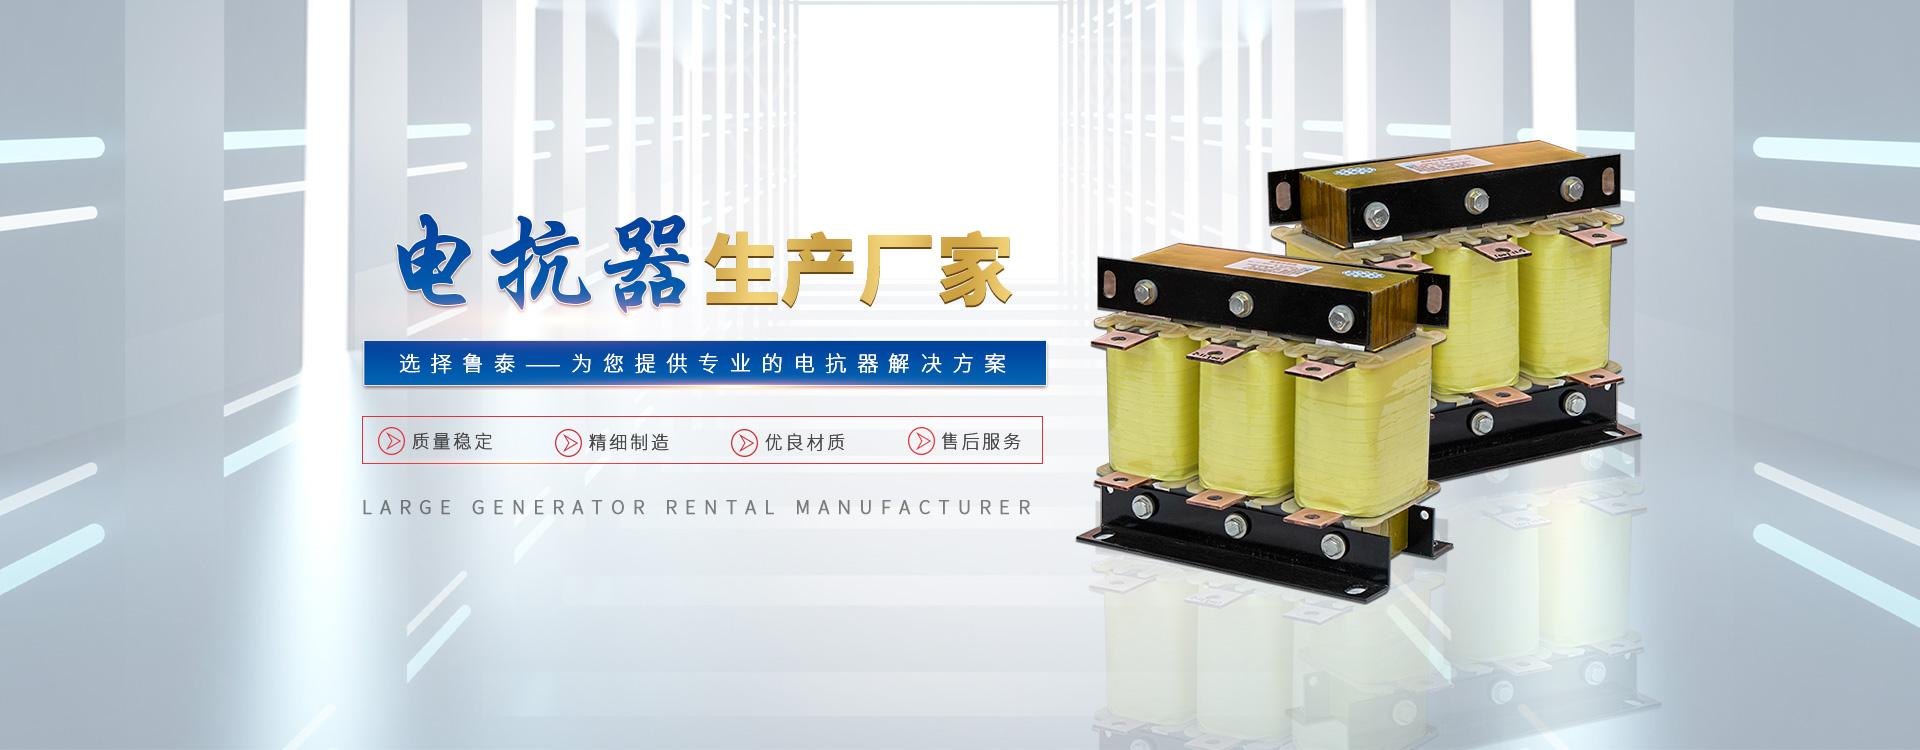 鲁泰电抗器生产厂家